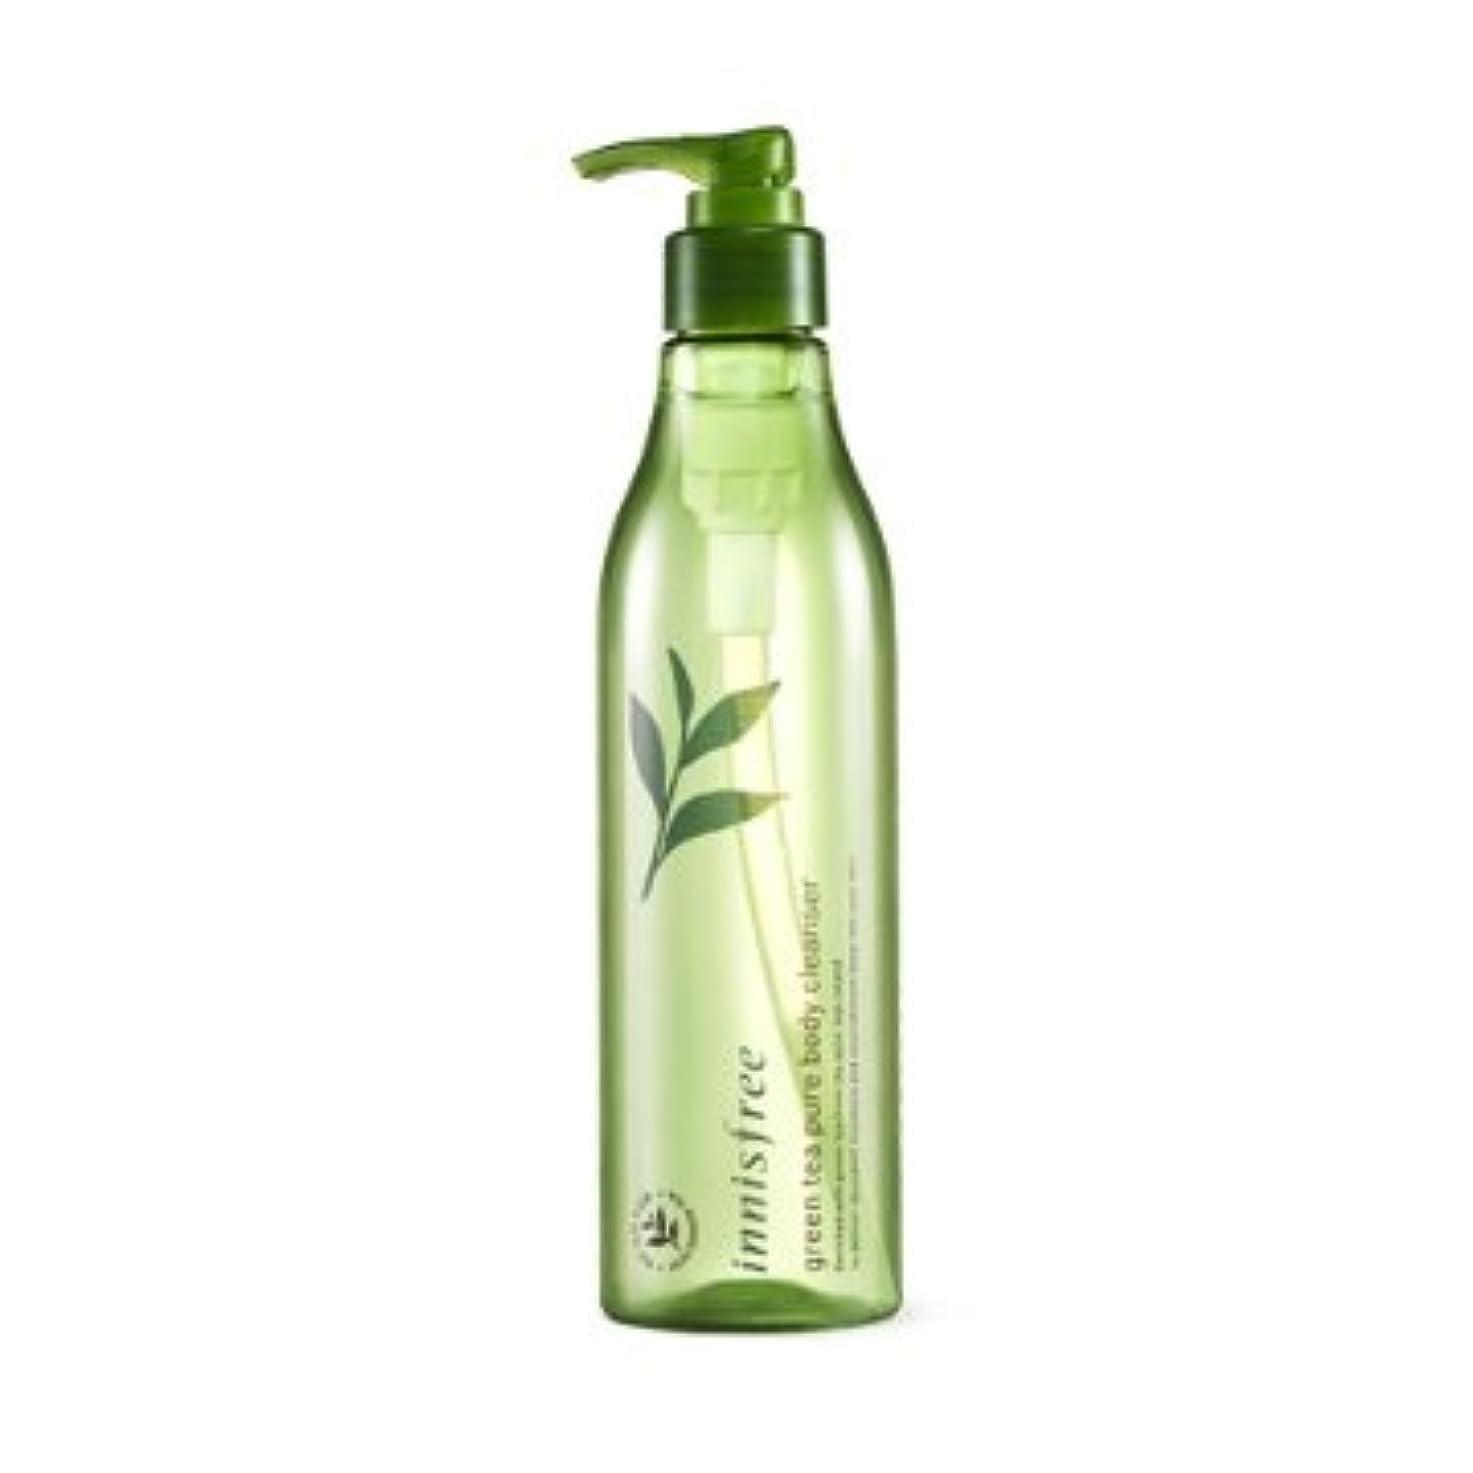 エーカー追加長方形【イニスフリー】Innisfree green tea pure body cleanser - 300ml (韓国直送品) (SHOPPINGINSTAGRAM)